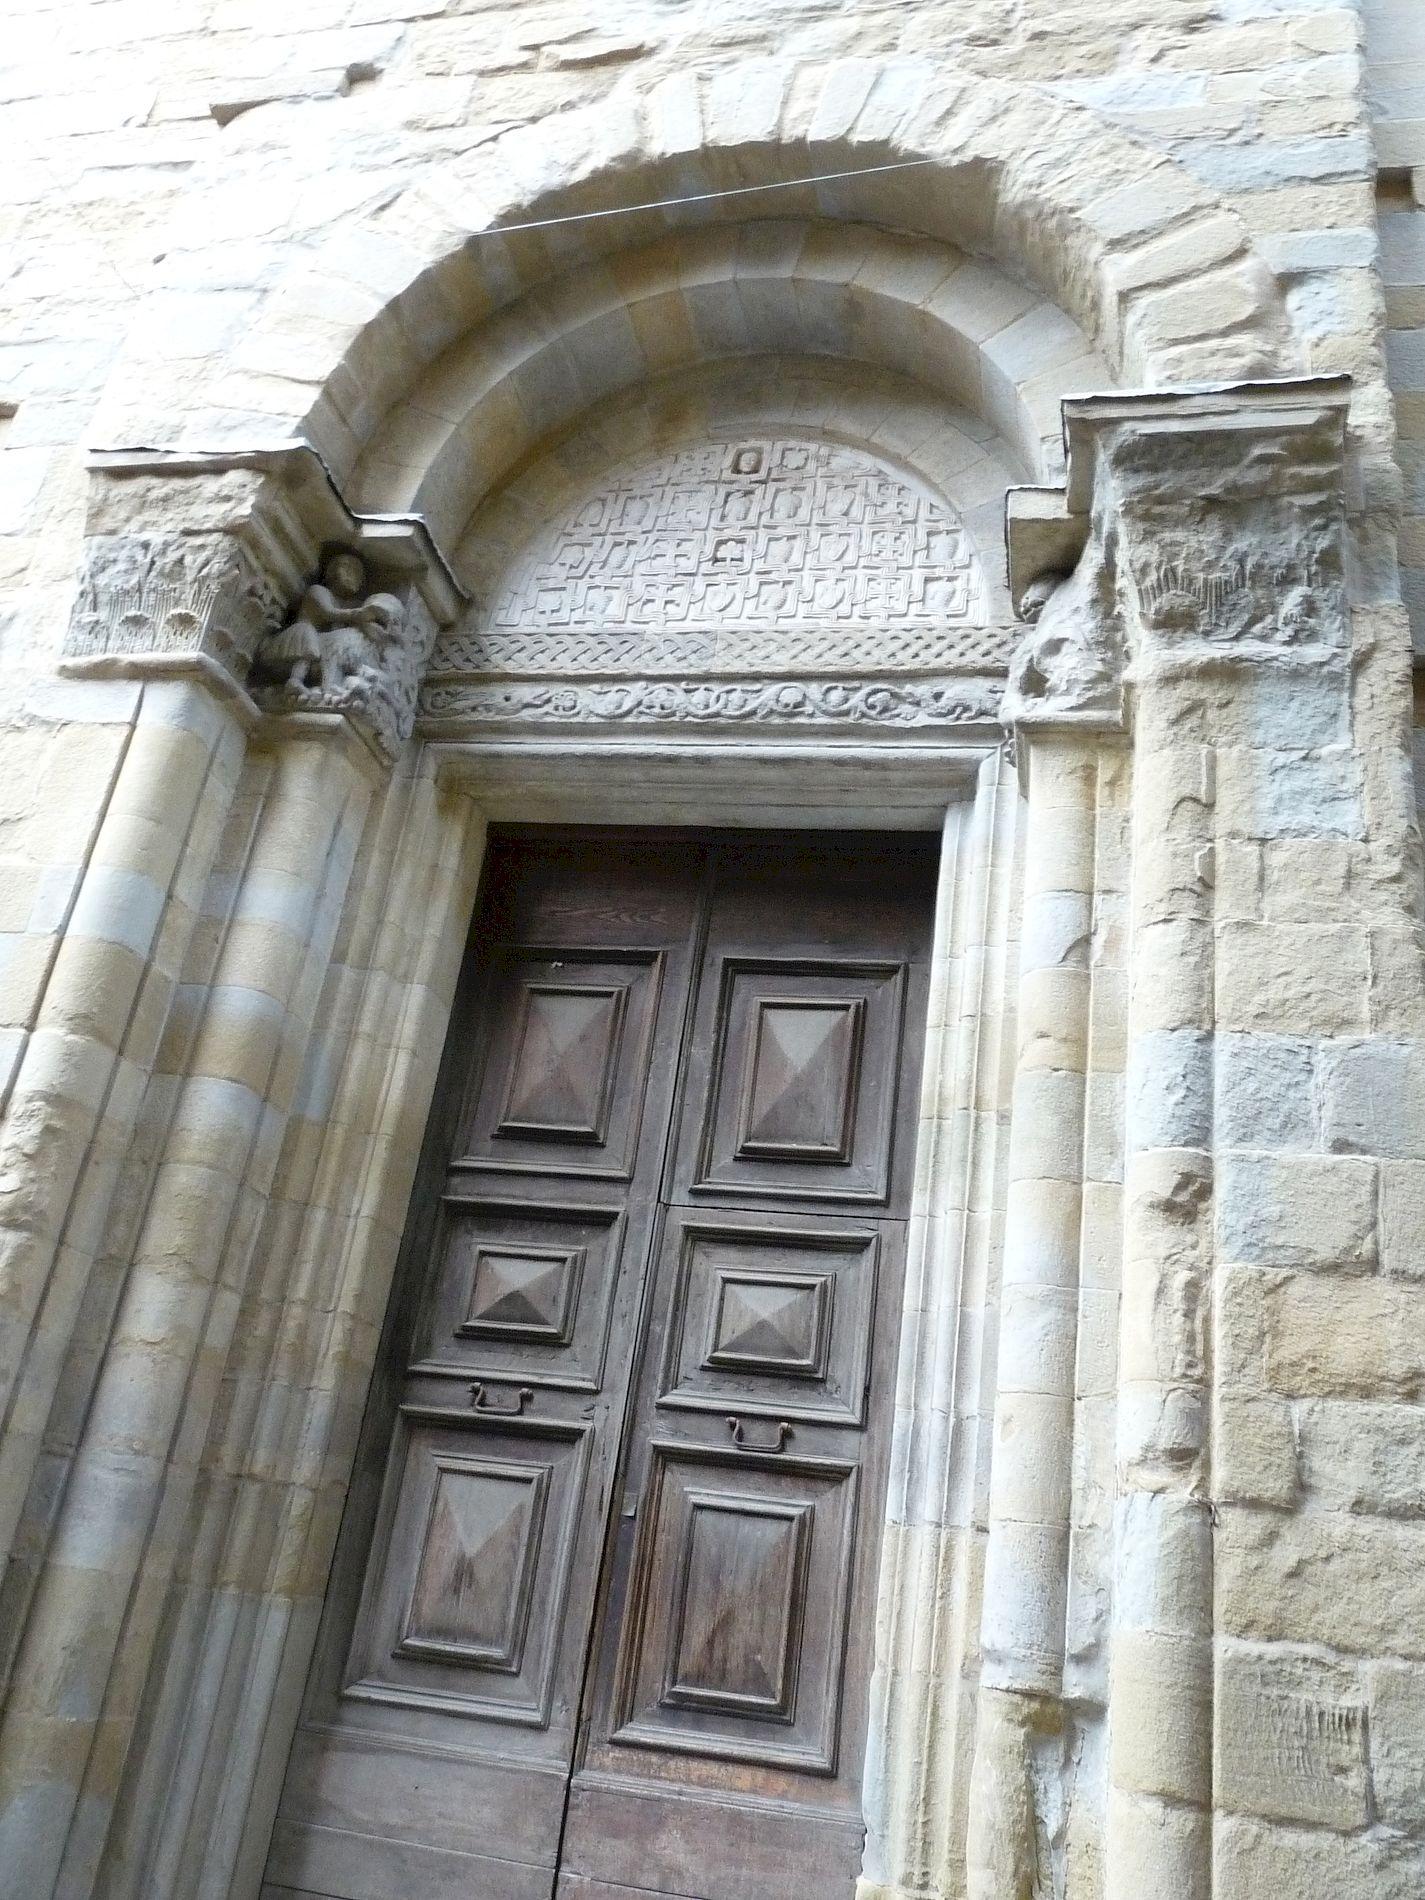 Arezzo, Santa_Maria e Pieve, Porte Sud, cliché Jean-François Martine